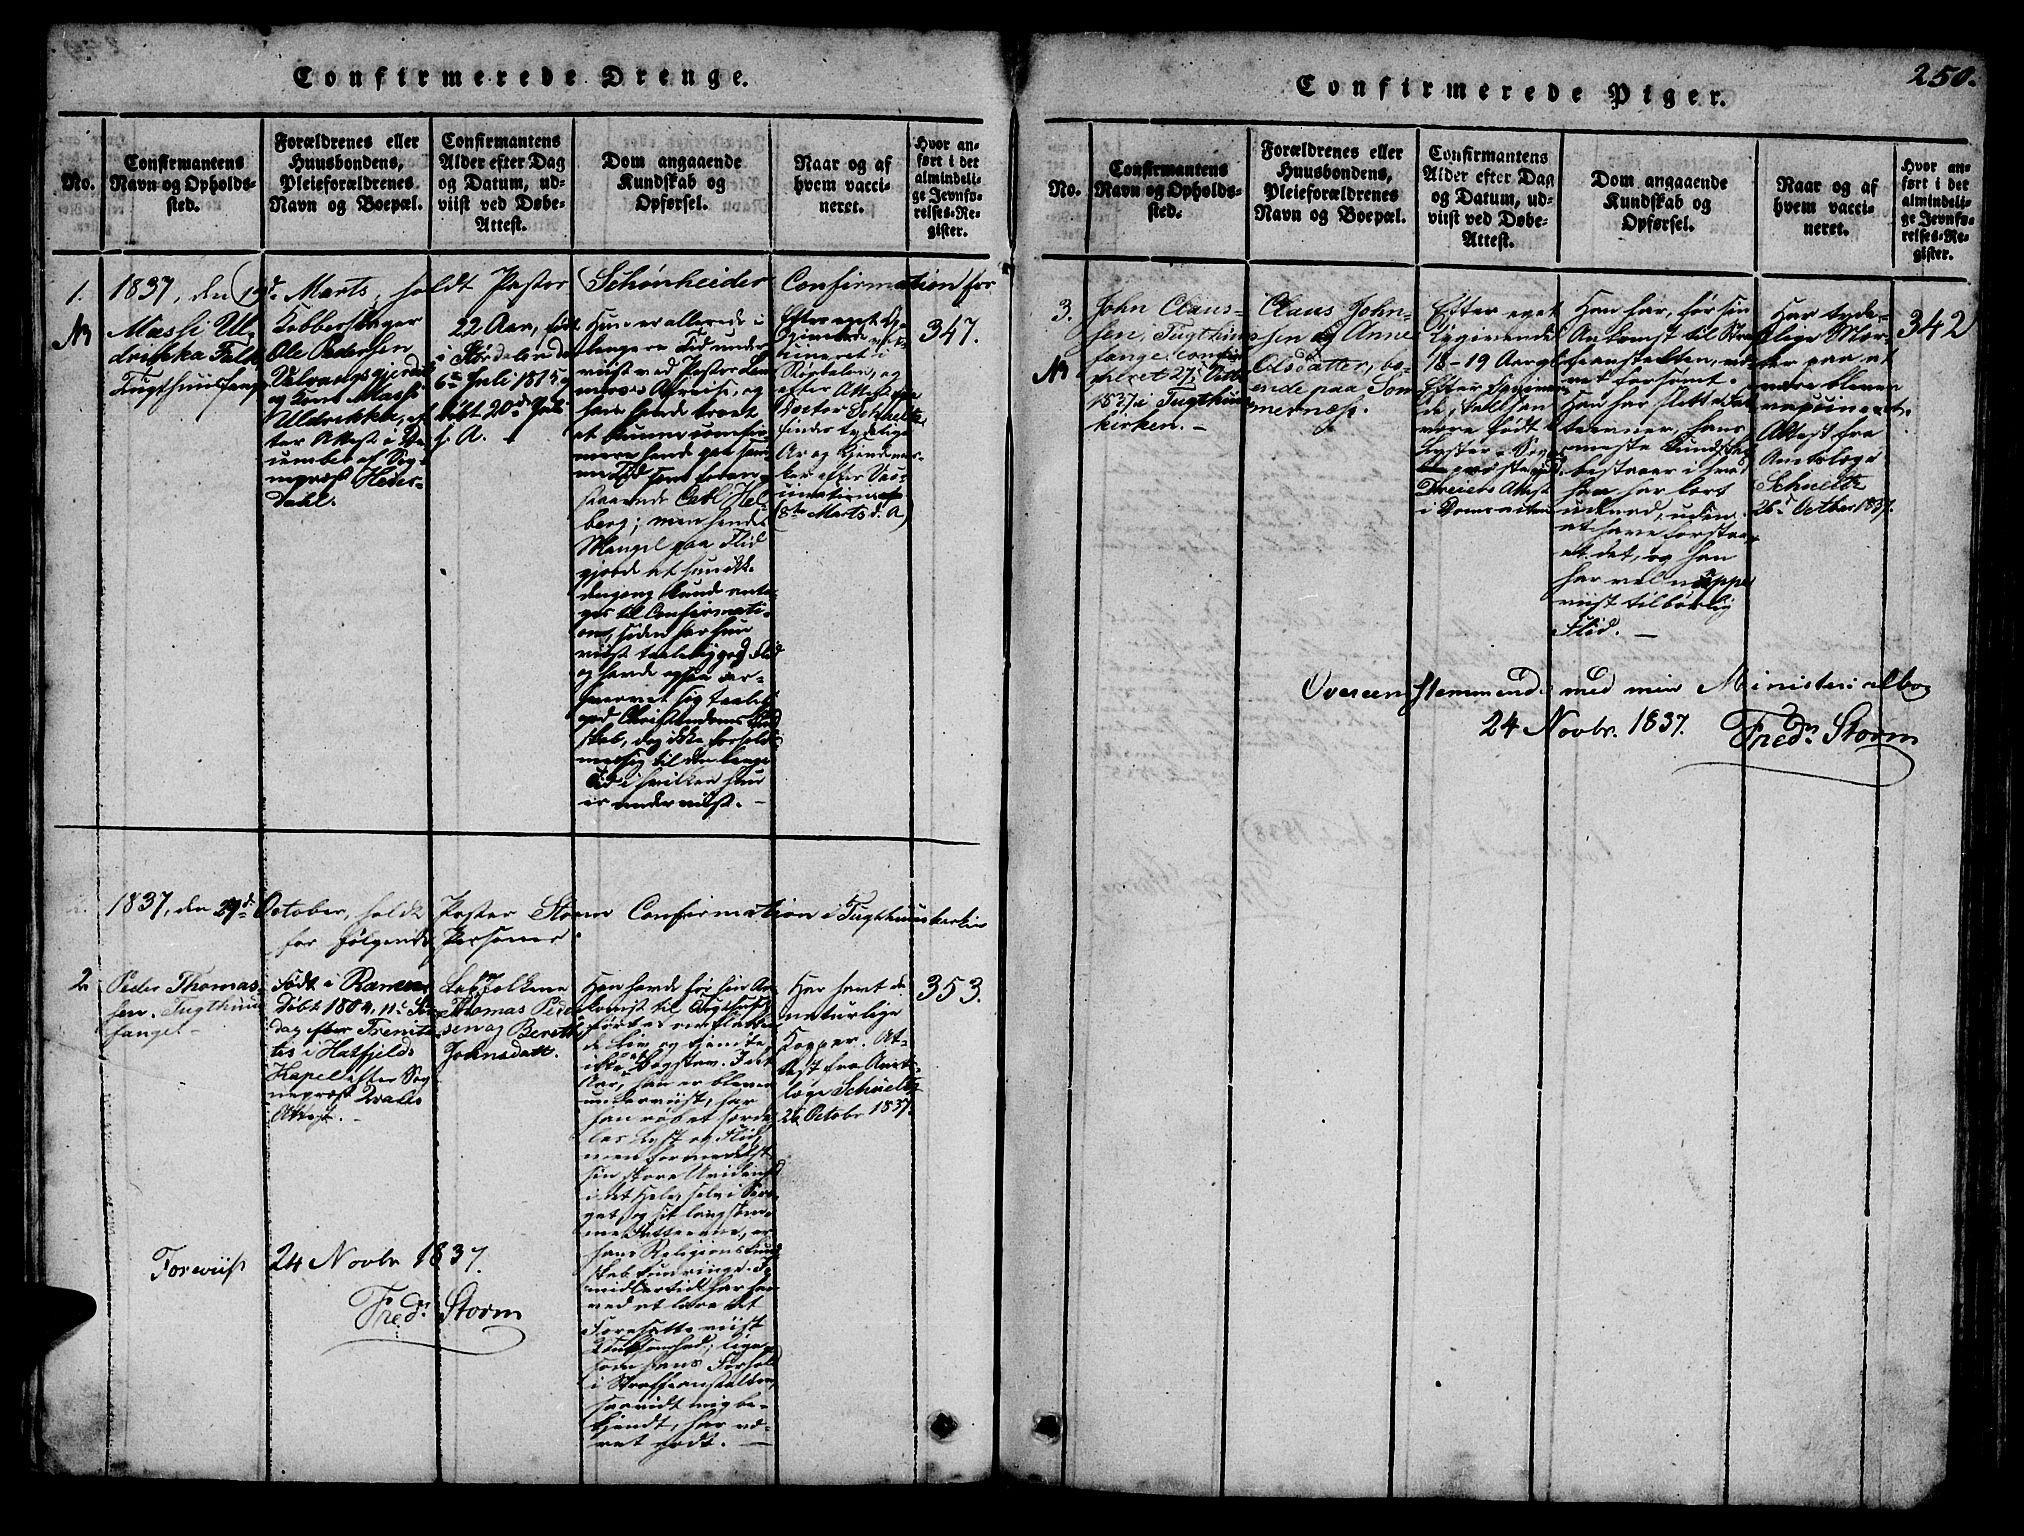 SAT, Ministerialprotokoller, klokkerbøker og fødselsregistre - Sør-Trøndelag, 623/L0478: Klokkerbok nr. 623C01, 1815-1873, s. 250